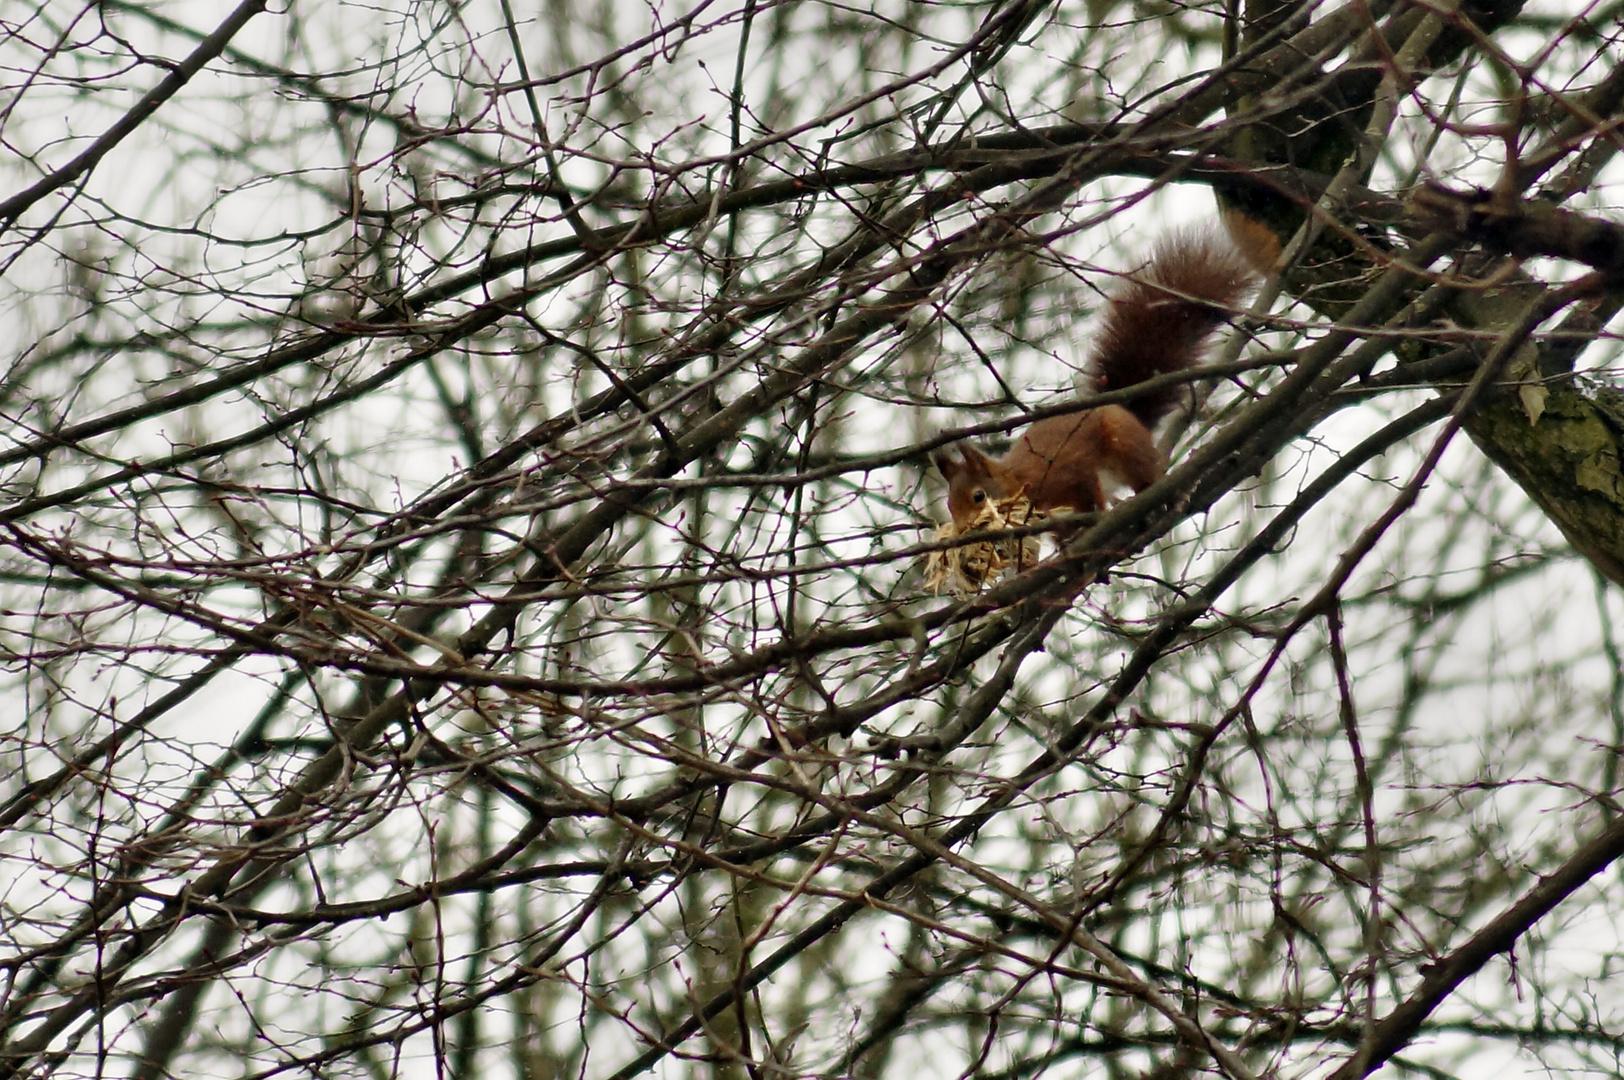 Eichhörnchen polstert seinen Kobel für den Nachwuchs mit Lindenrinde